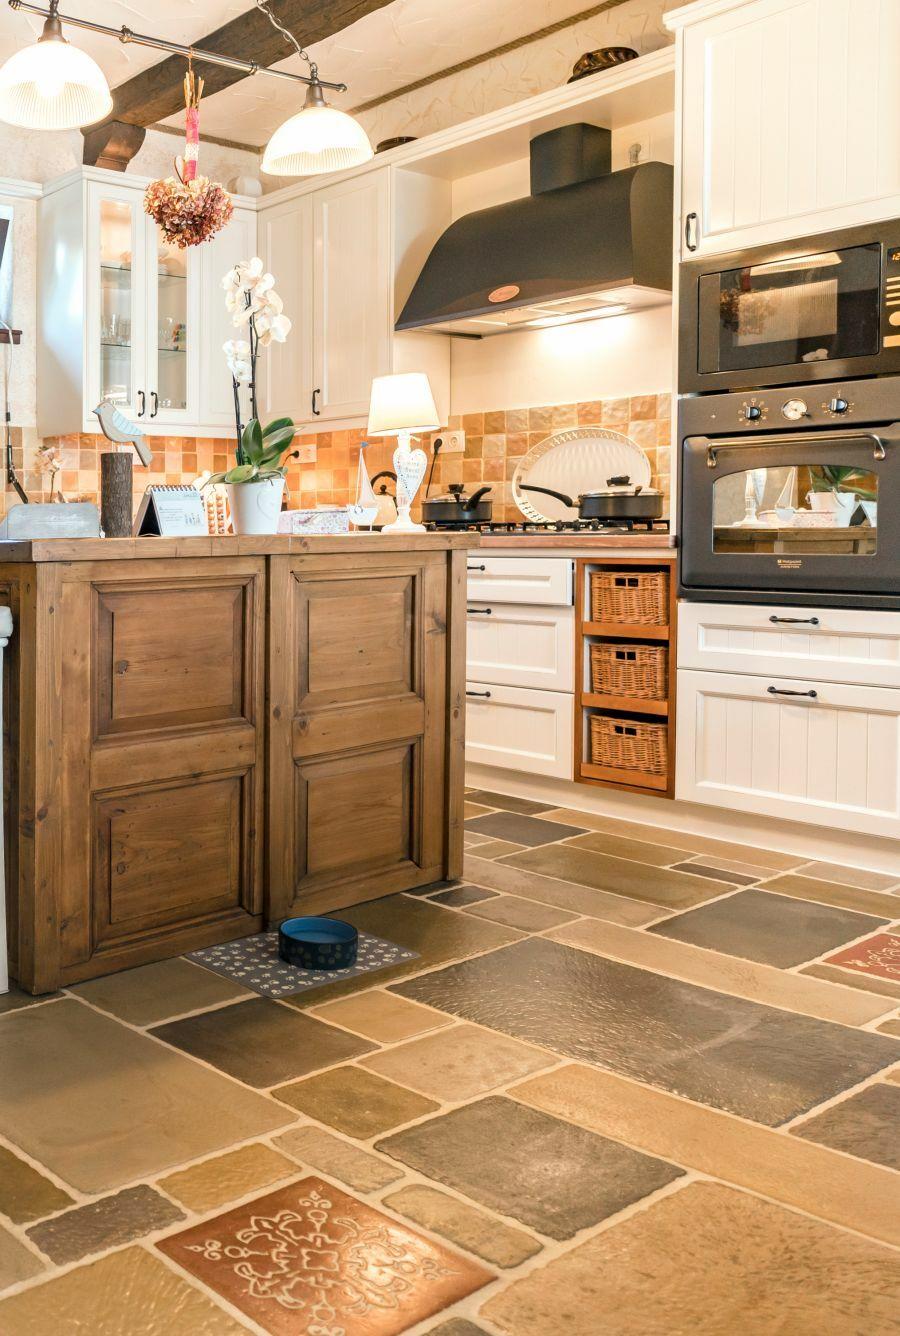 Otti kő padlóburkolat többféle méret variálva